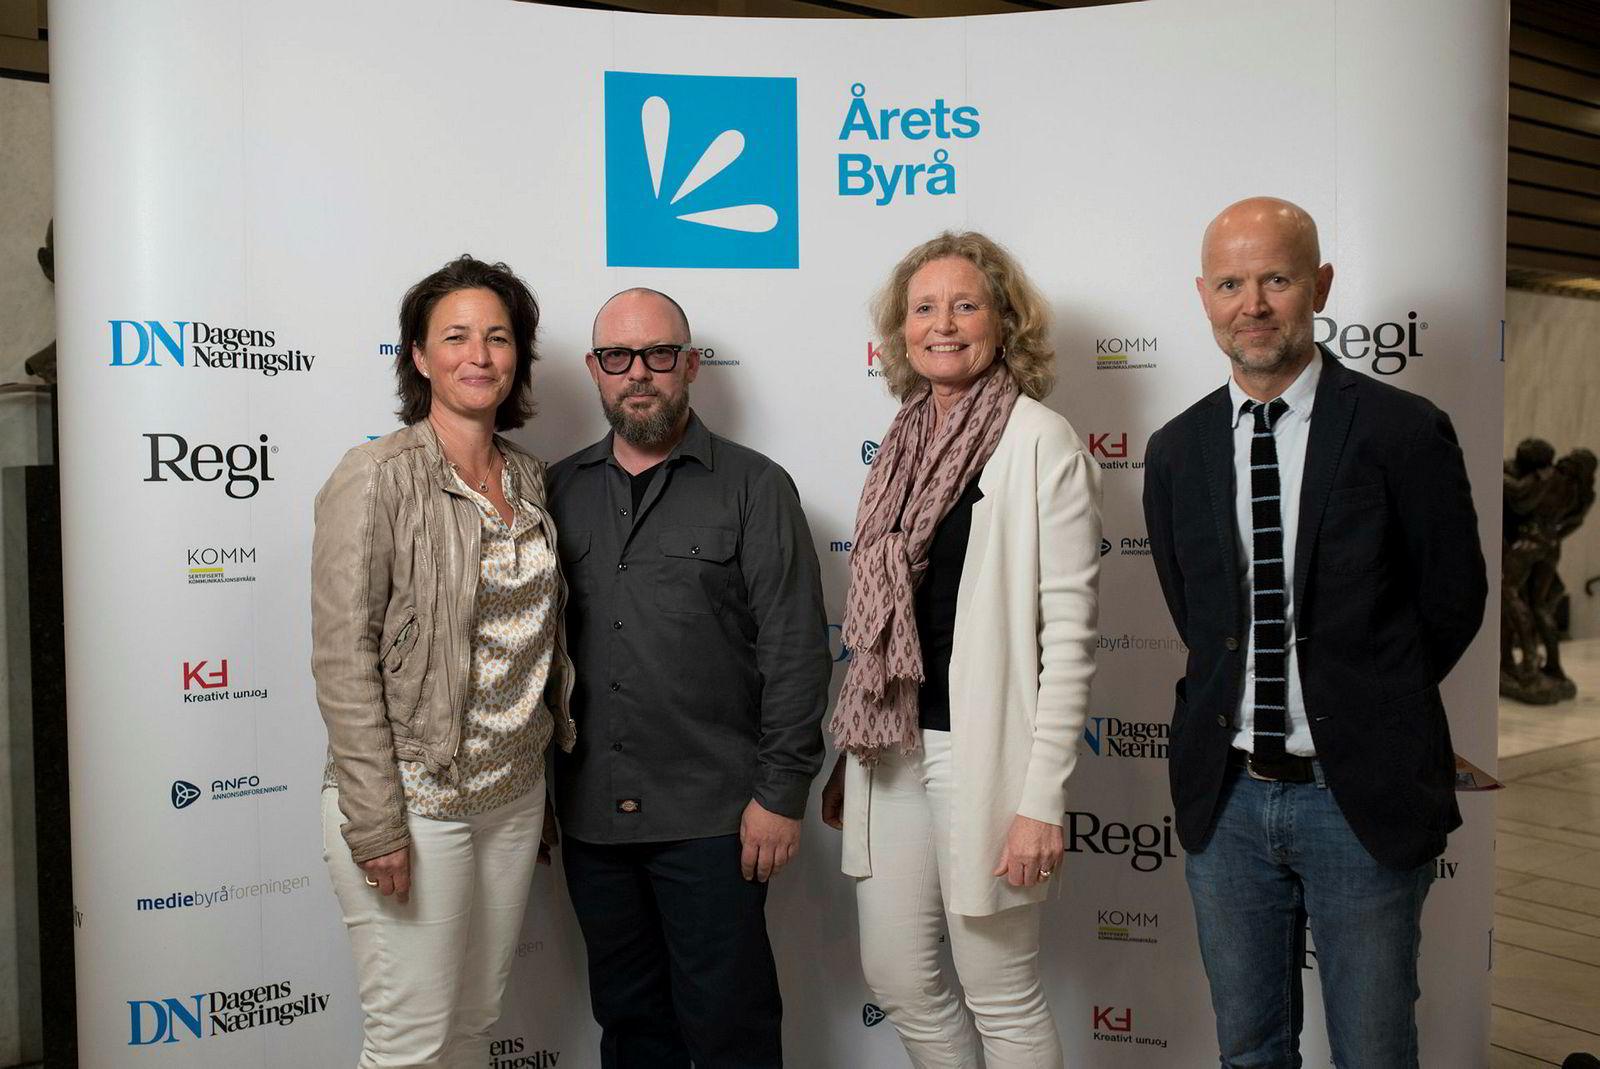 Fra venstre: Nathalie Eyde Warembourg, Stig Jøssund, Cecilie Faye og Tarald Alfsen fra mediebyrået Maxus.